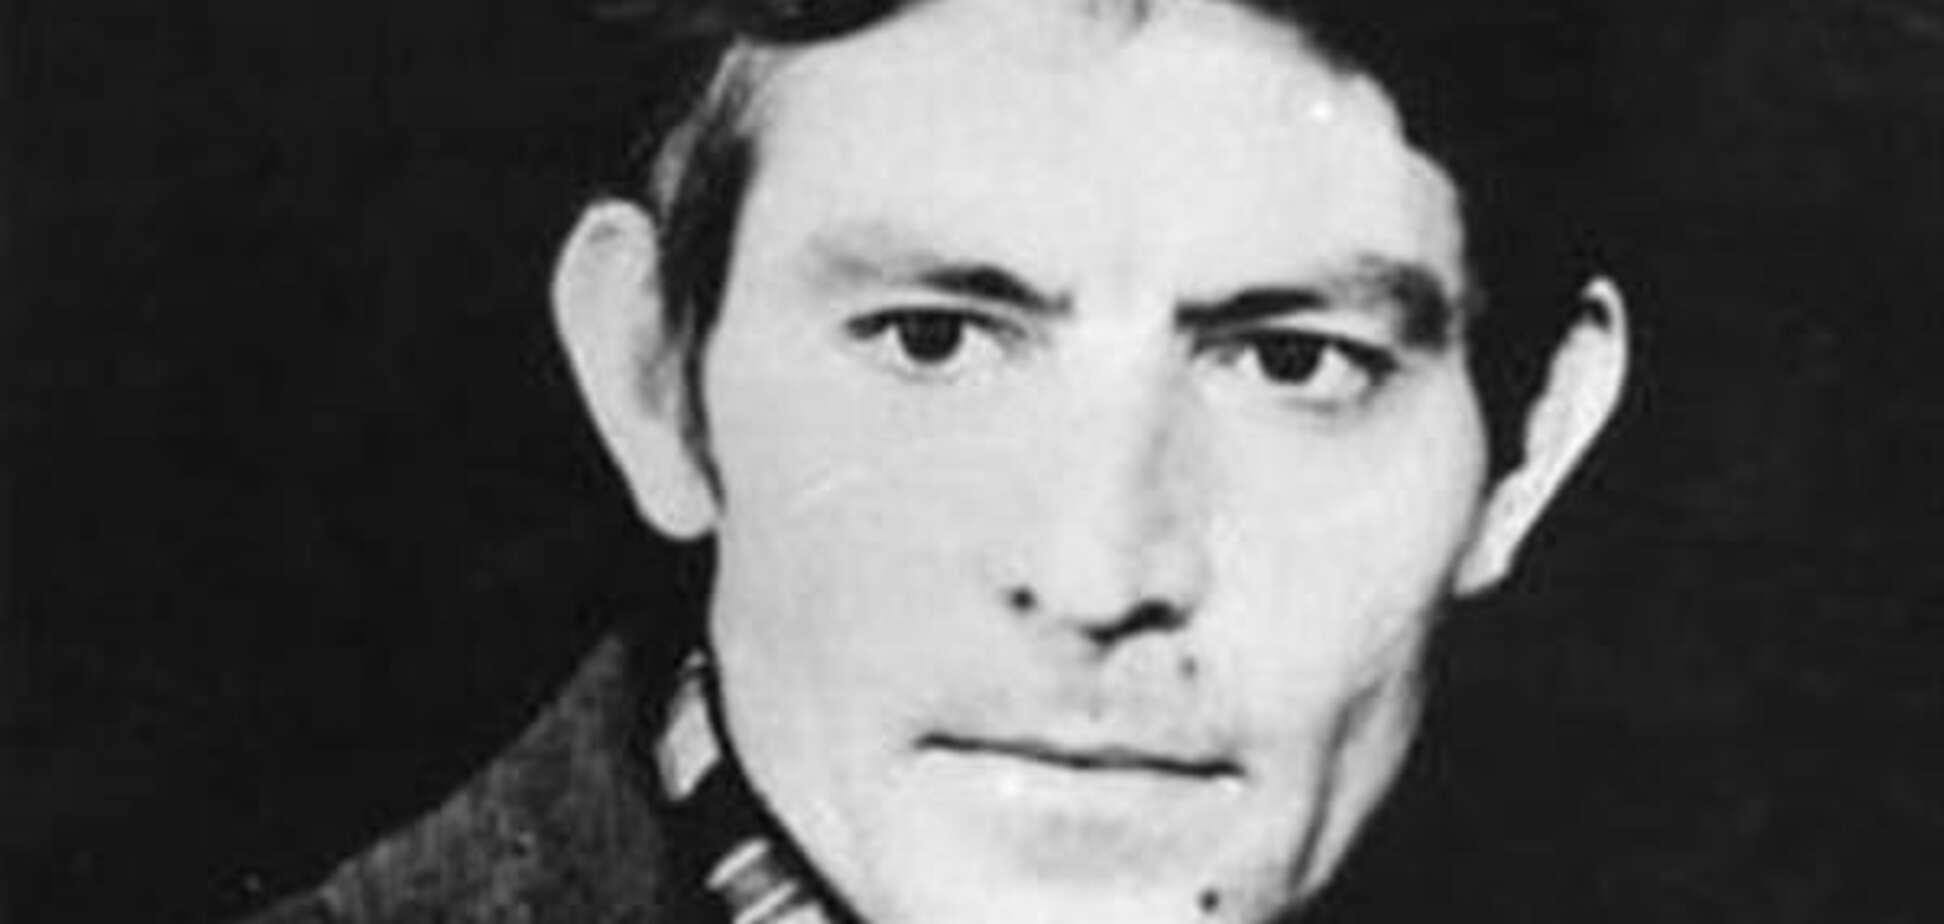 30 років тому помер Василь Стус - вірші та цитати поета, який помер за Україну